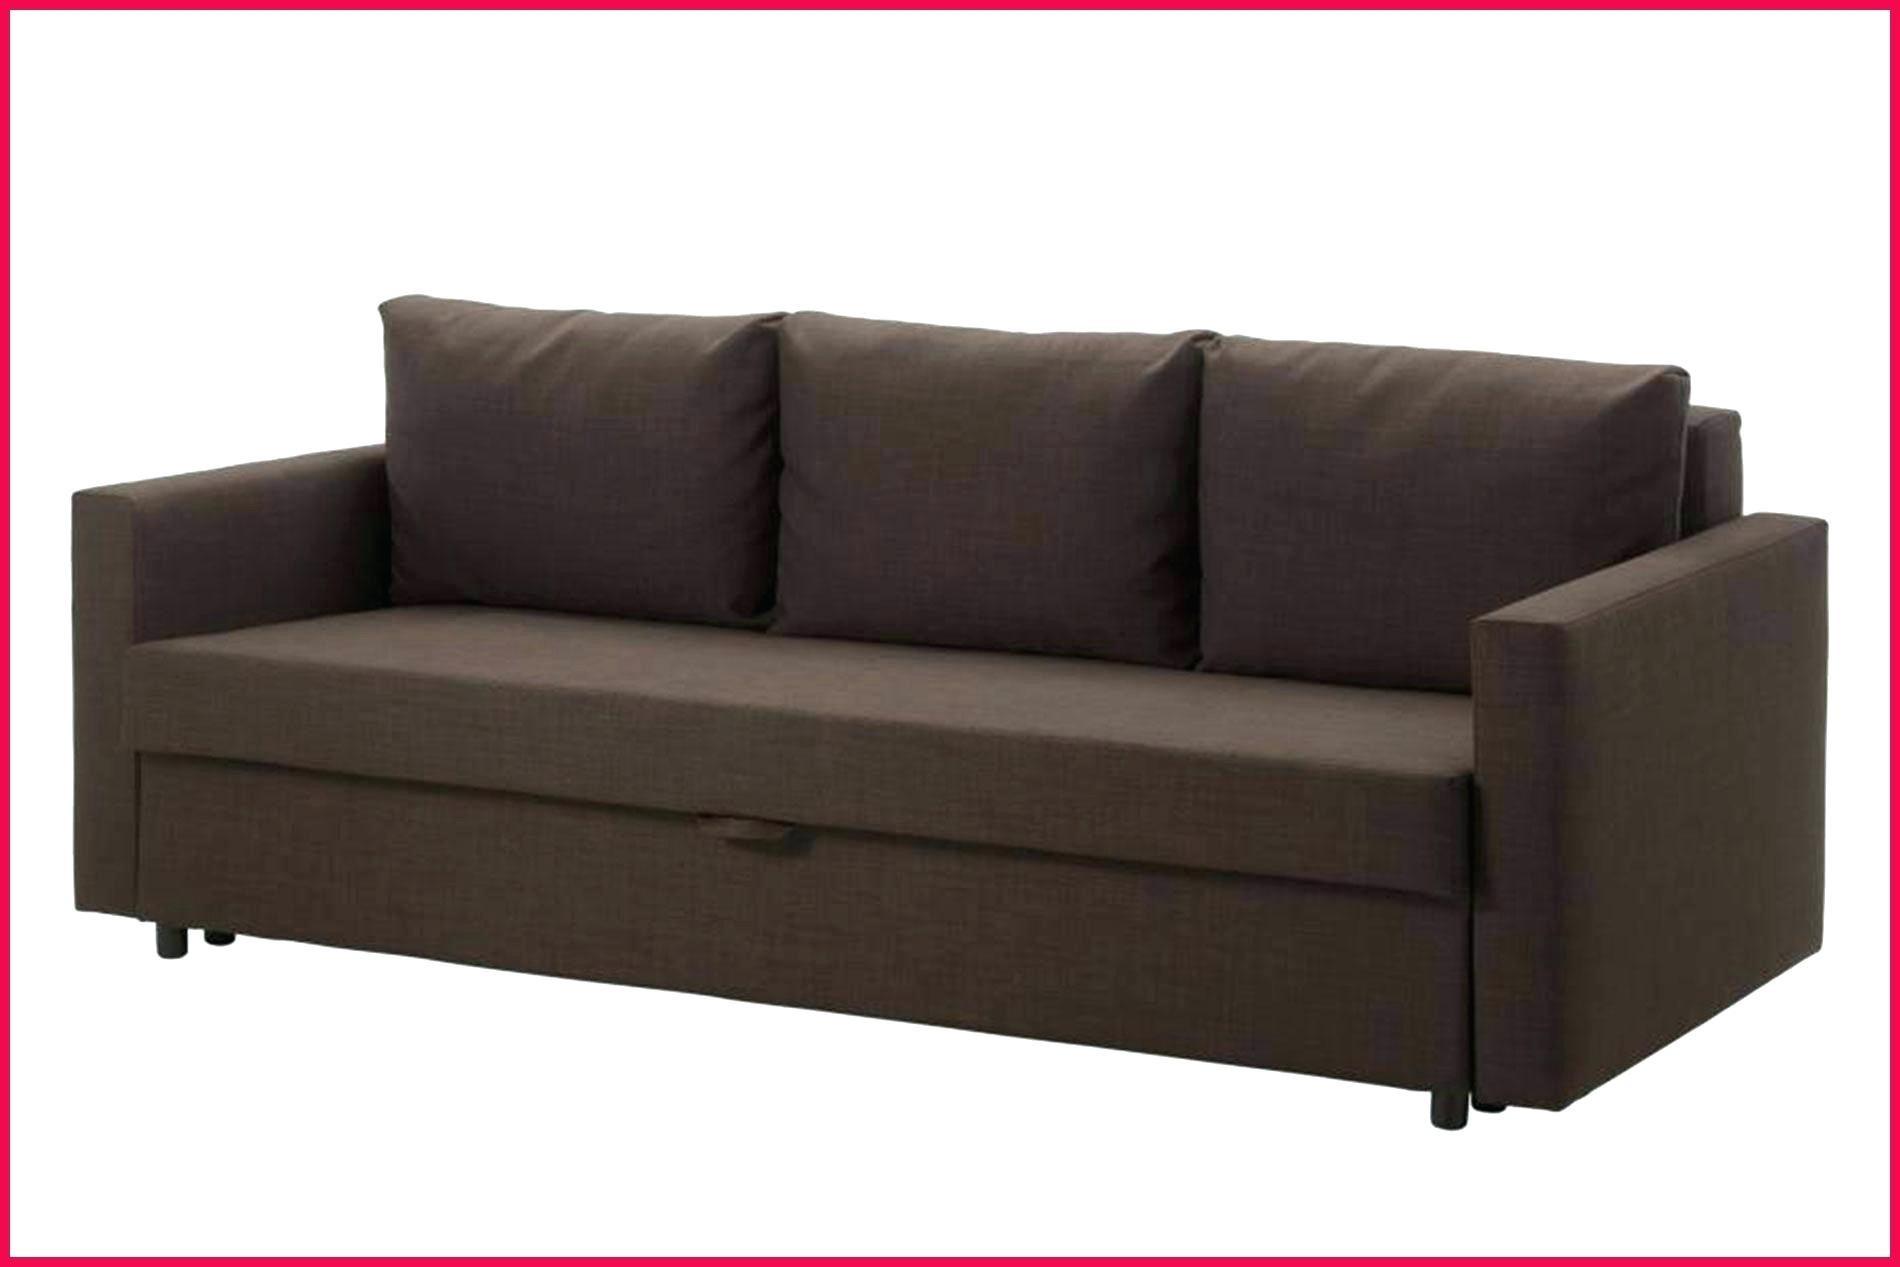 Ikea Canapé Friheten Beau Images Les 15 Frais Canapé Convertible Avec Coffre De Rangement S